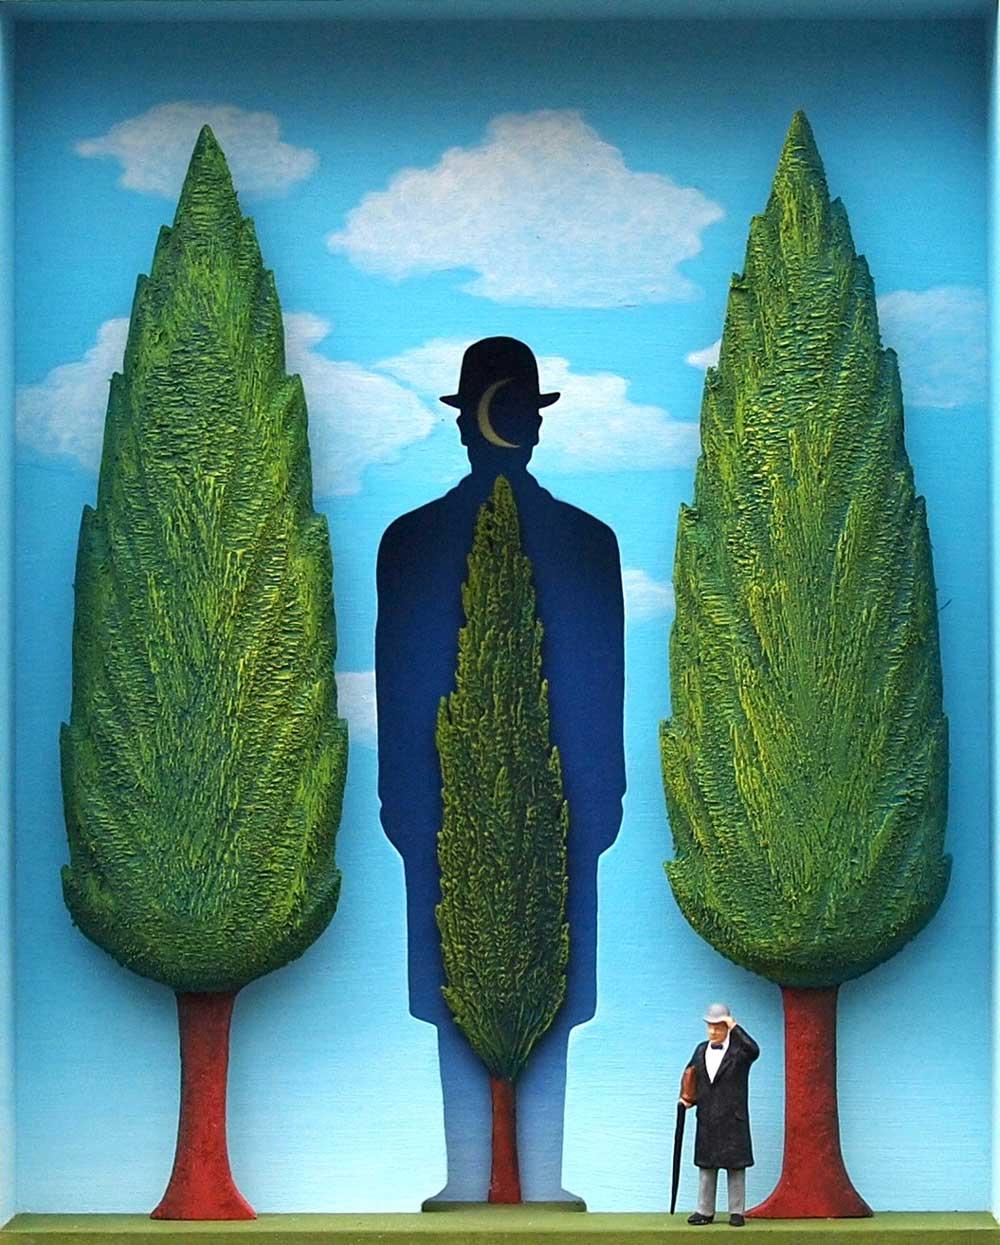 Volker Kühn - The-garden-of-Magritte - Art in Boxes